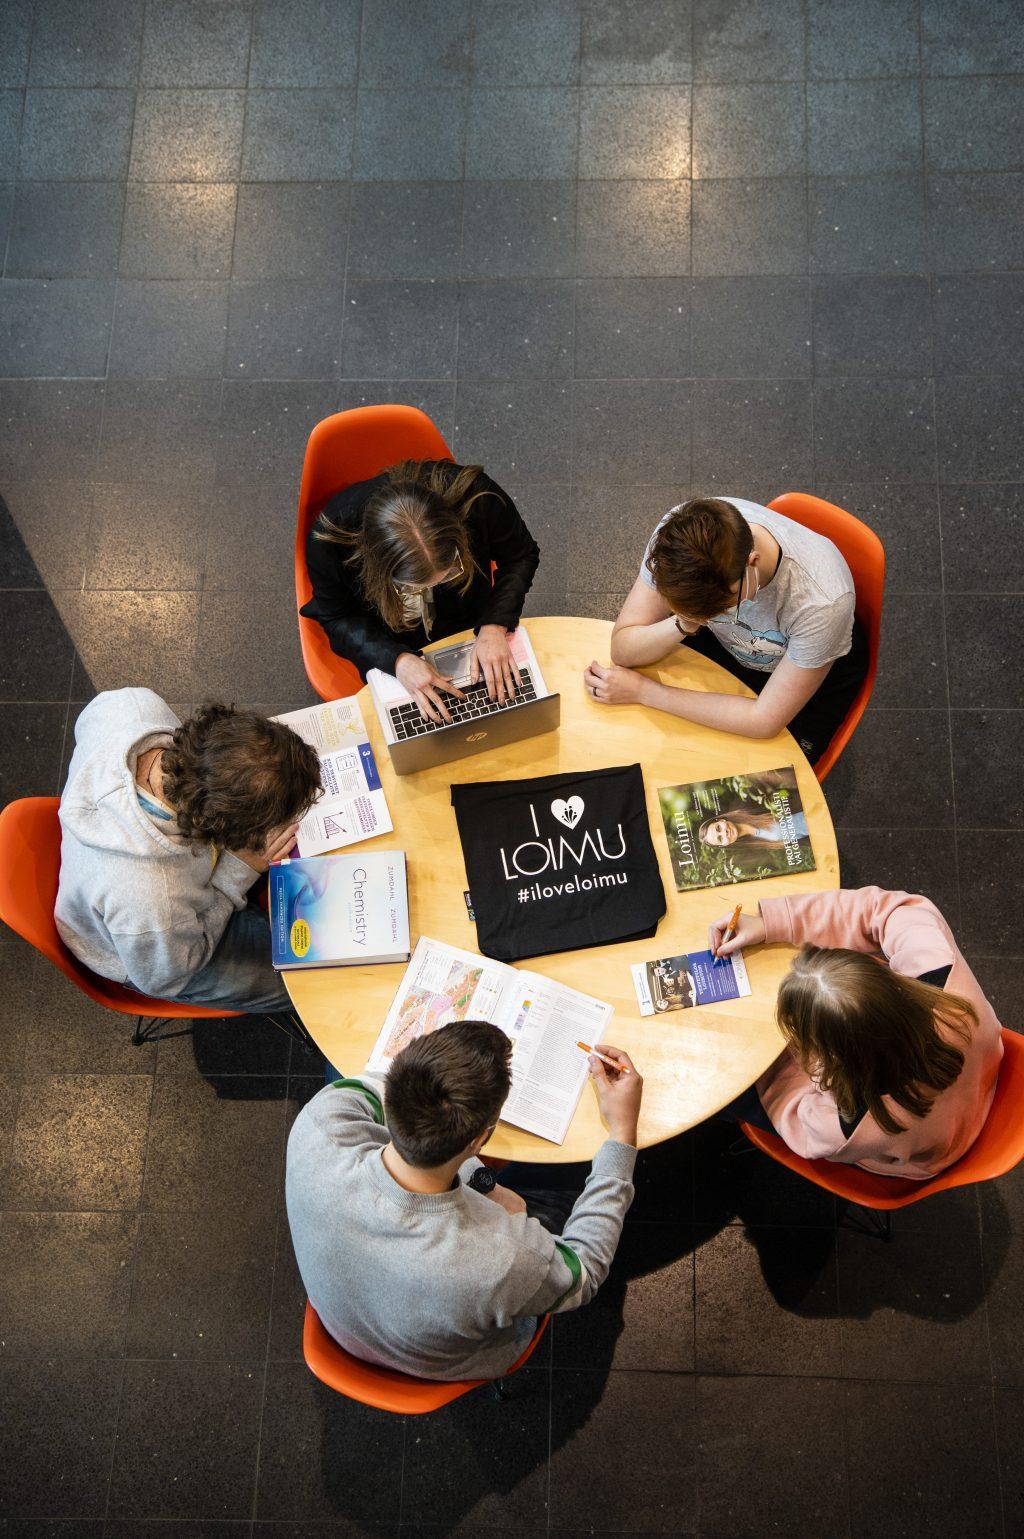 Opiskelijoita pöydän ääressä